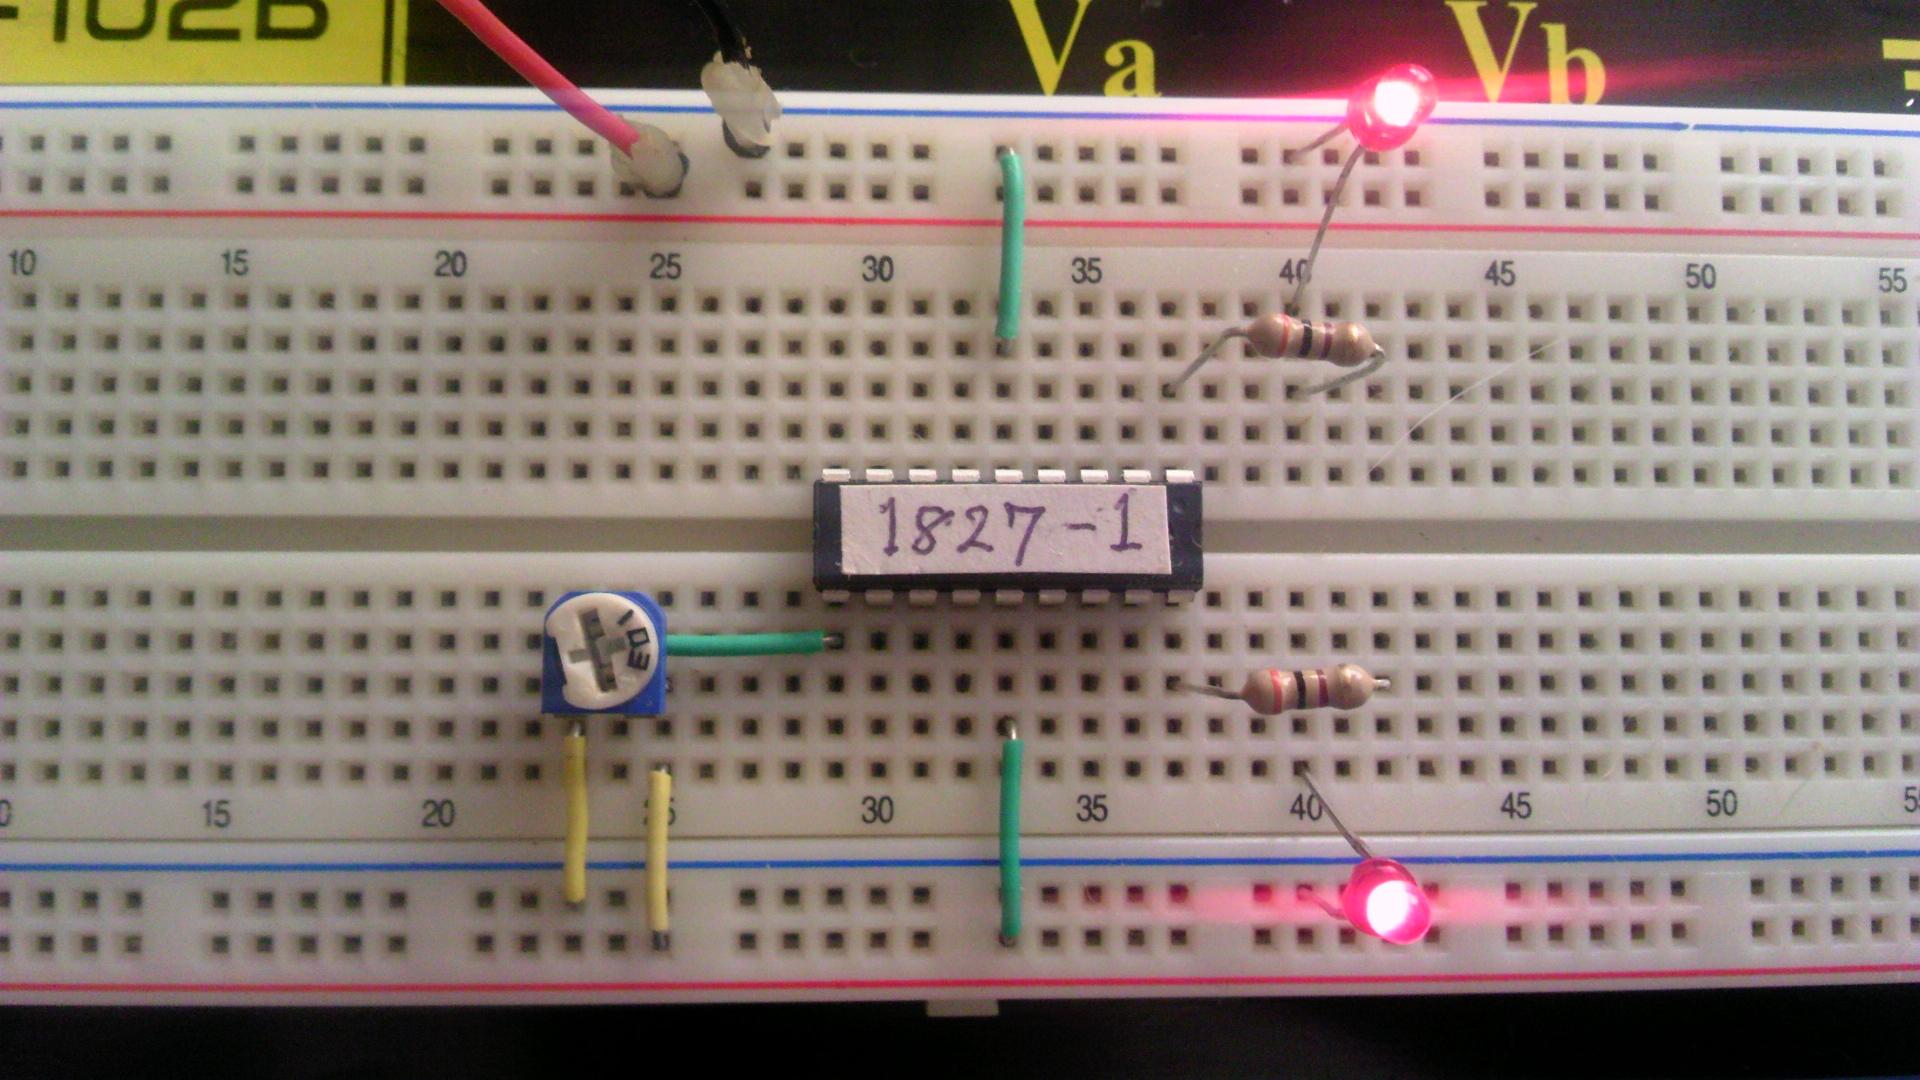 TS3V0006.JPG